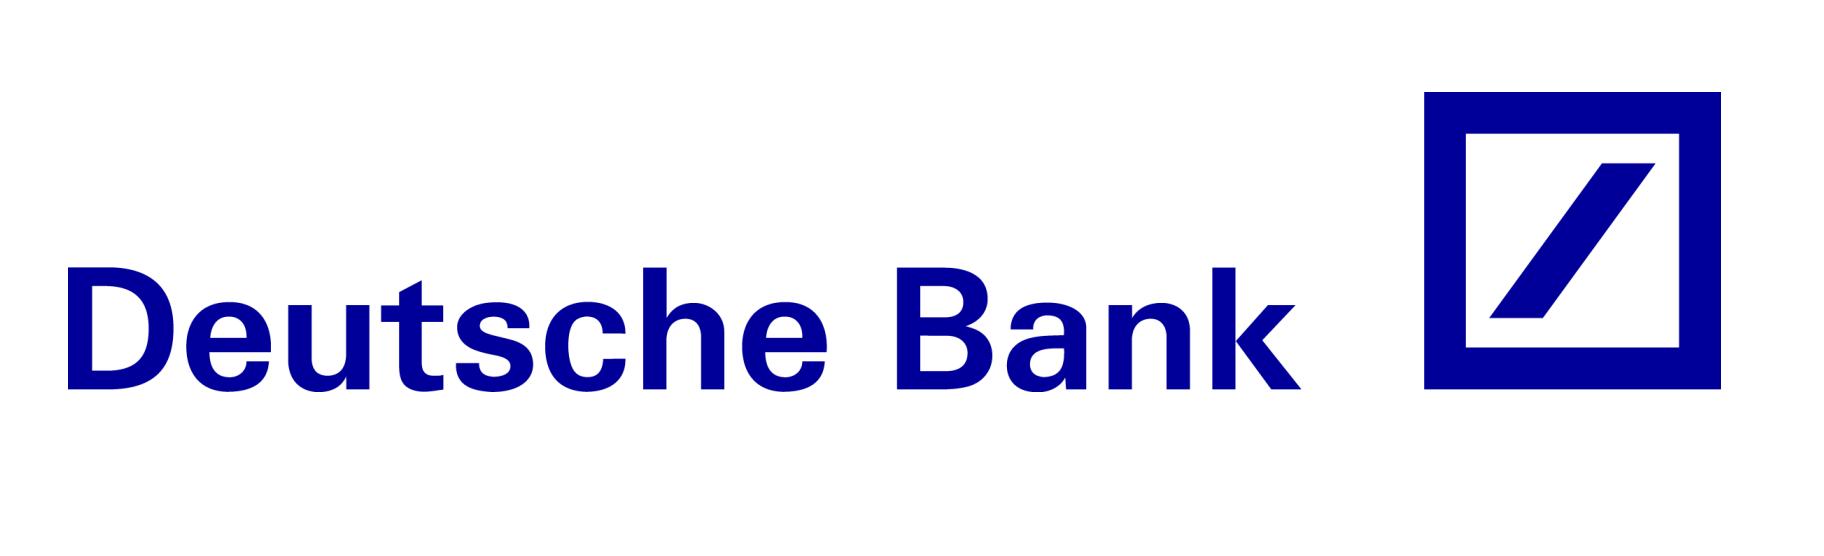 Deutsche-bank-logo (1)